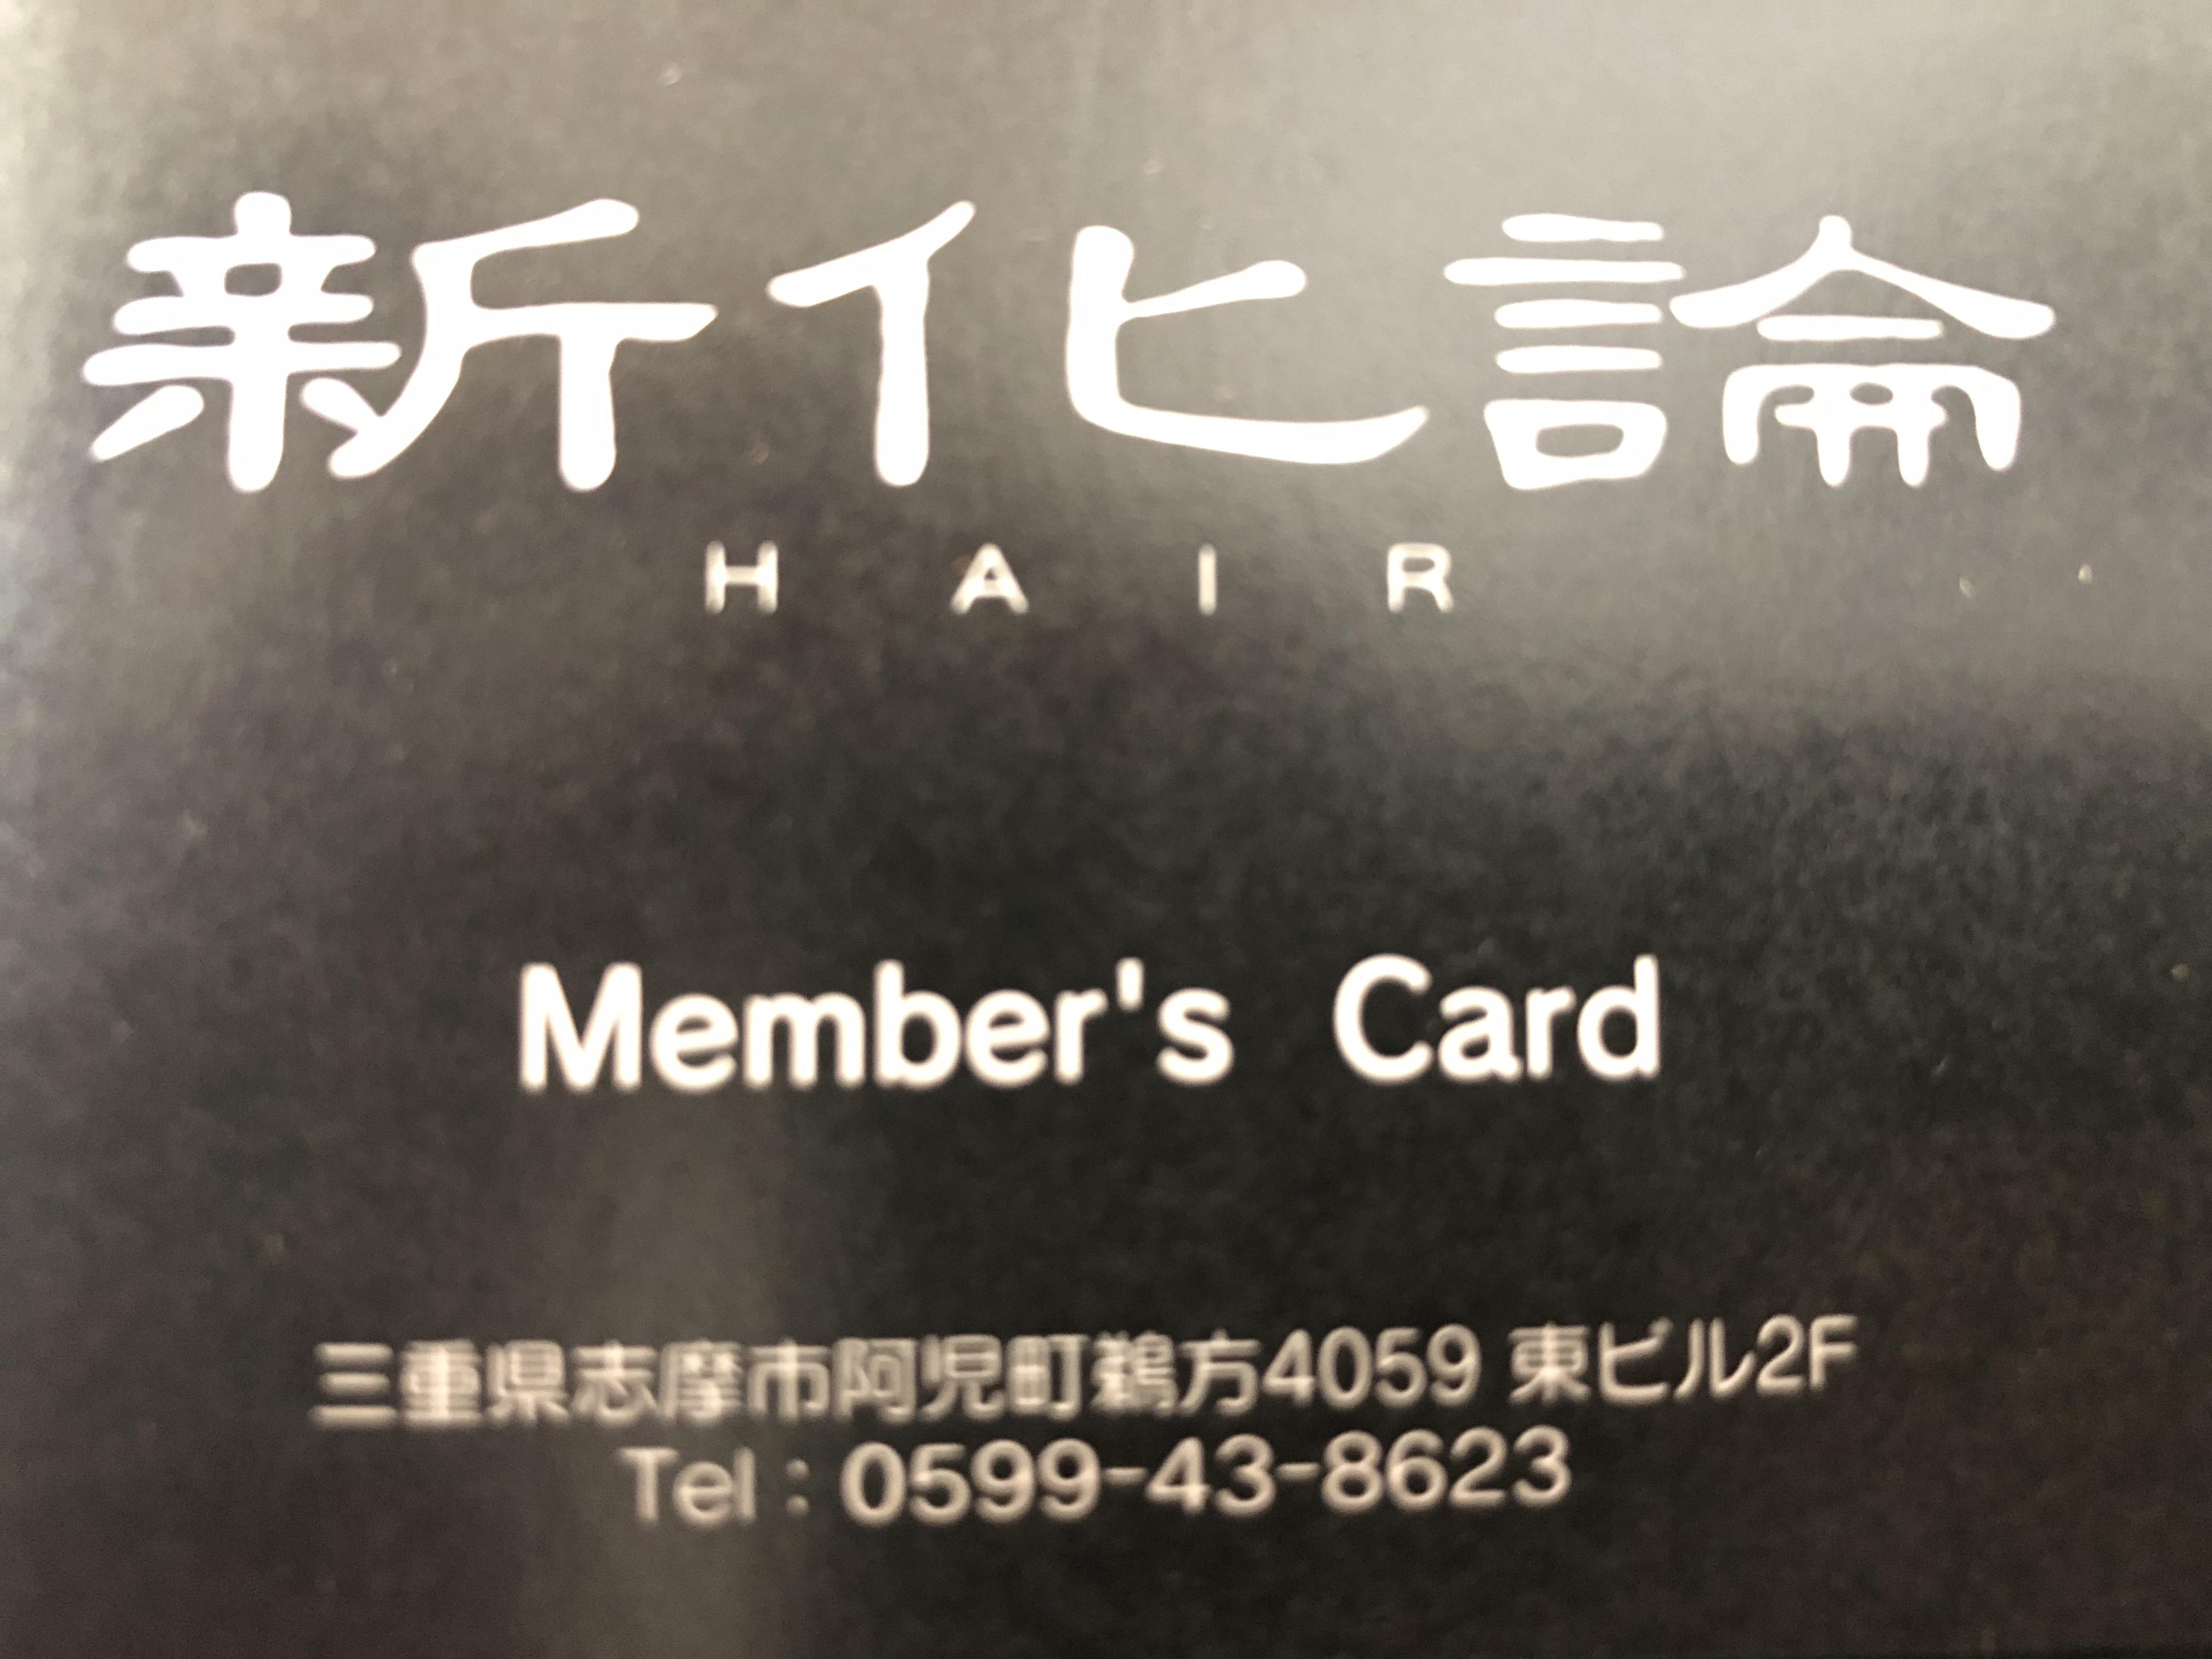 志摩市 鵜方 美容室 美容院 新化論 メンバーズカード